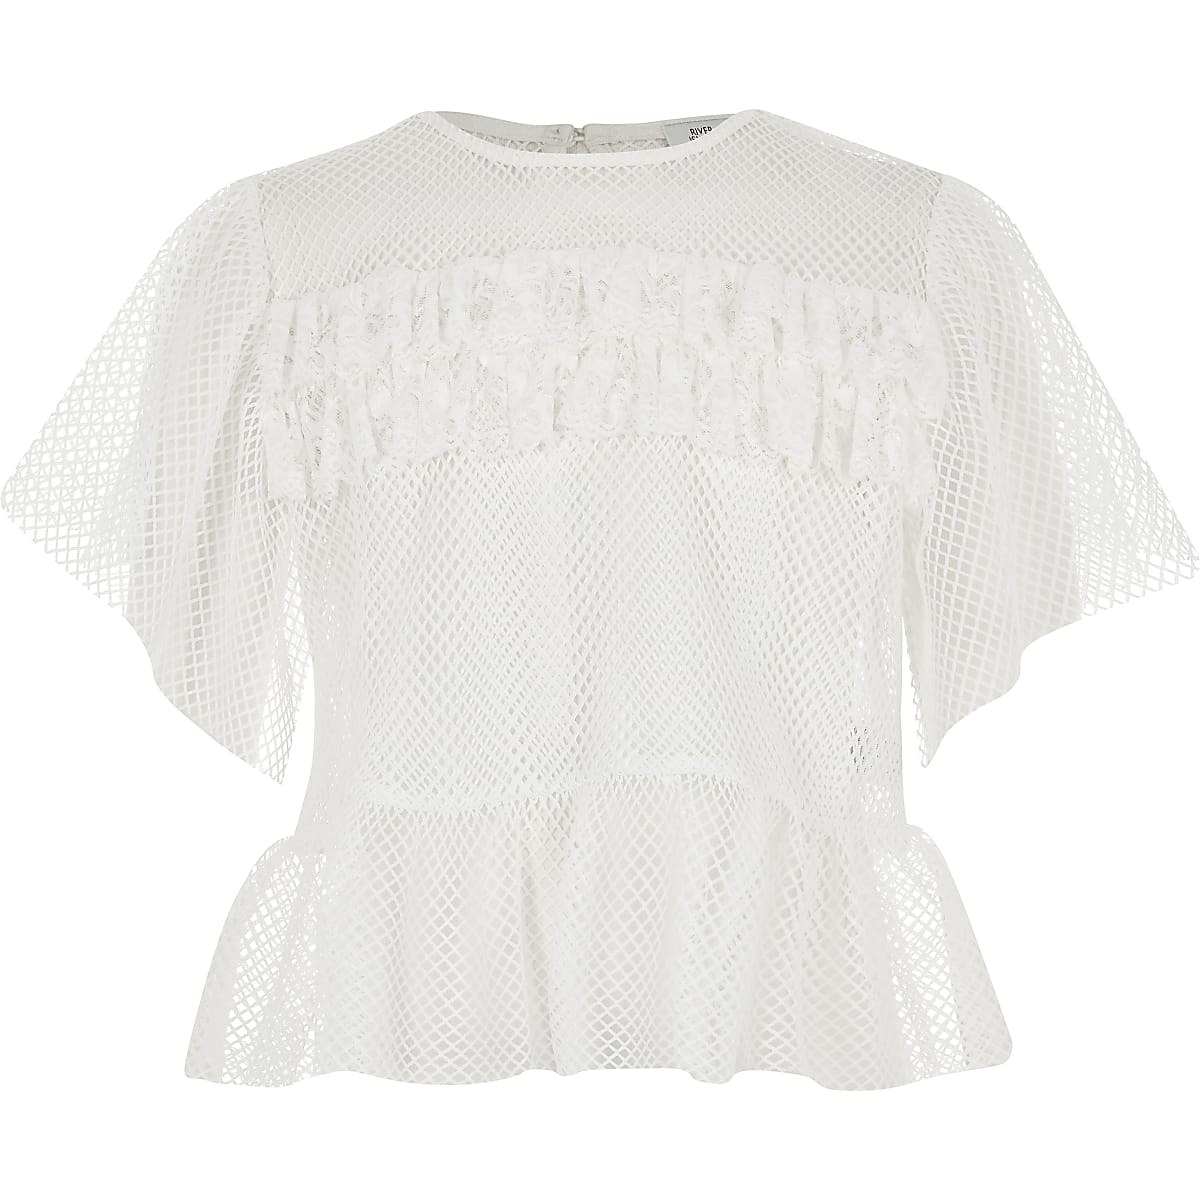 Wit mesh T-shirt met ruches voor meisjes